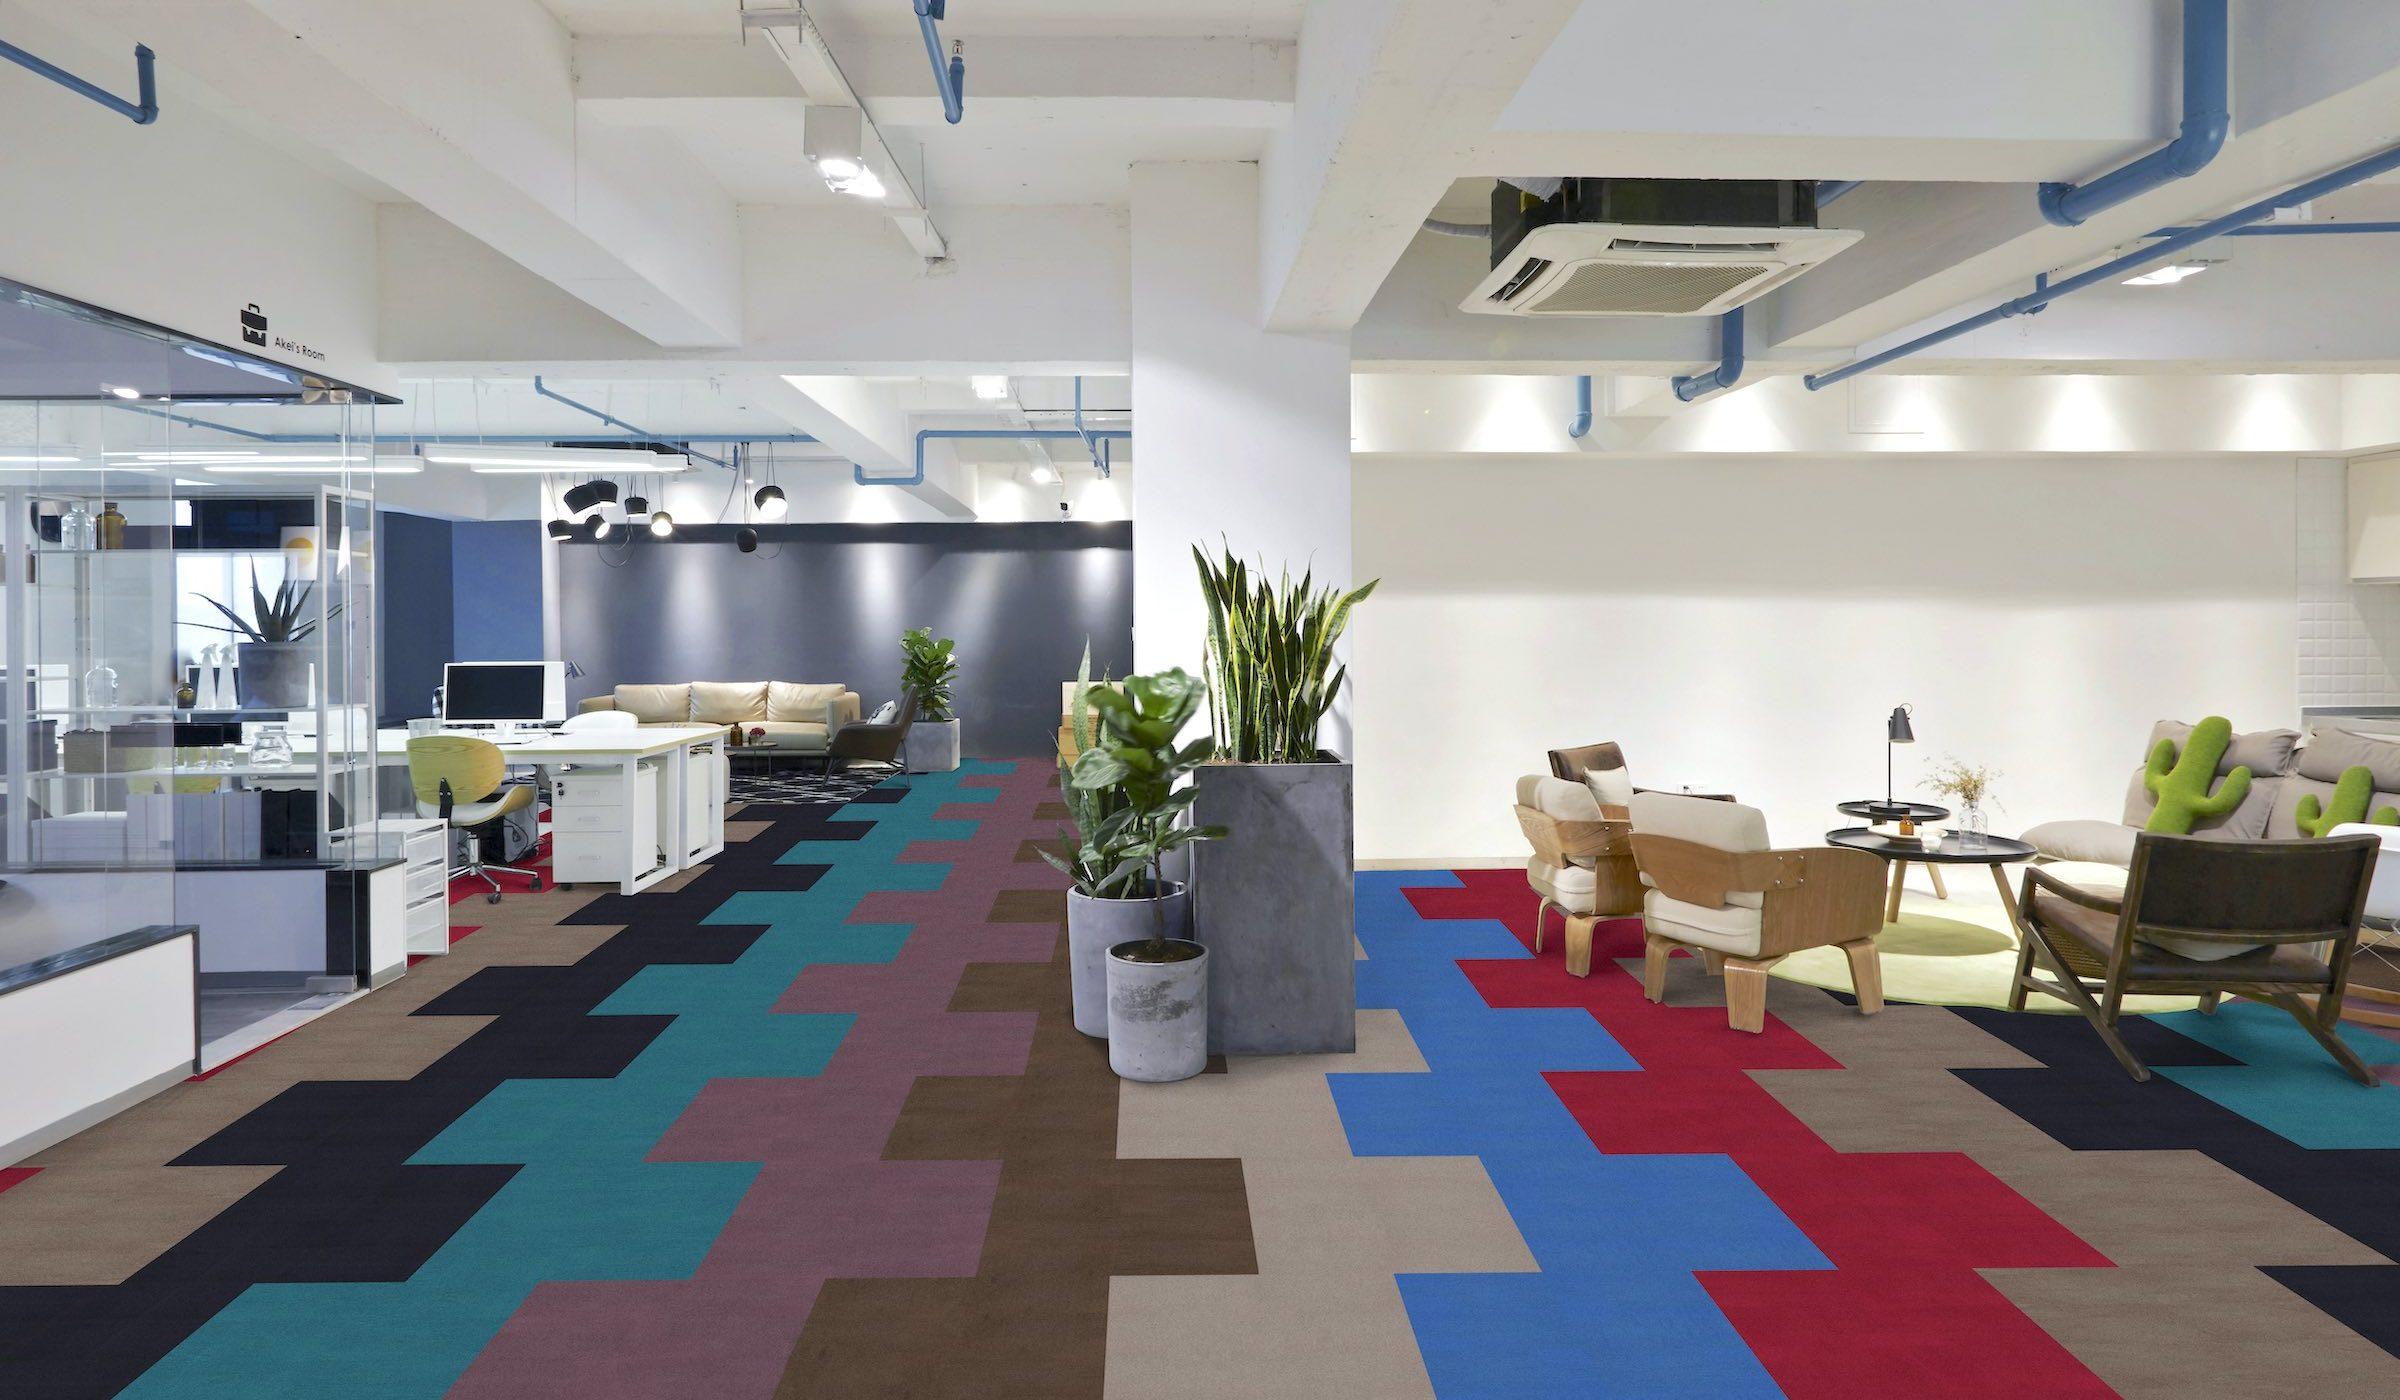 Maestro | Paragon Carpet Tiles | Commercial Carpet Tiles | Design Carpet Tiles 3